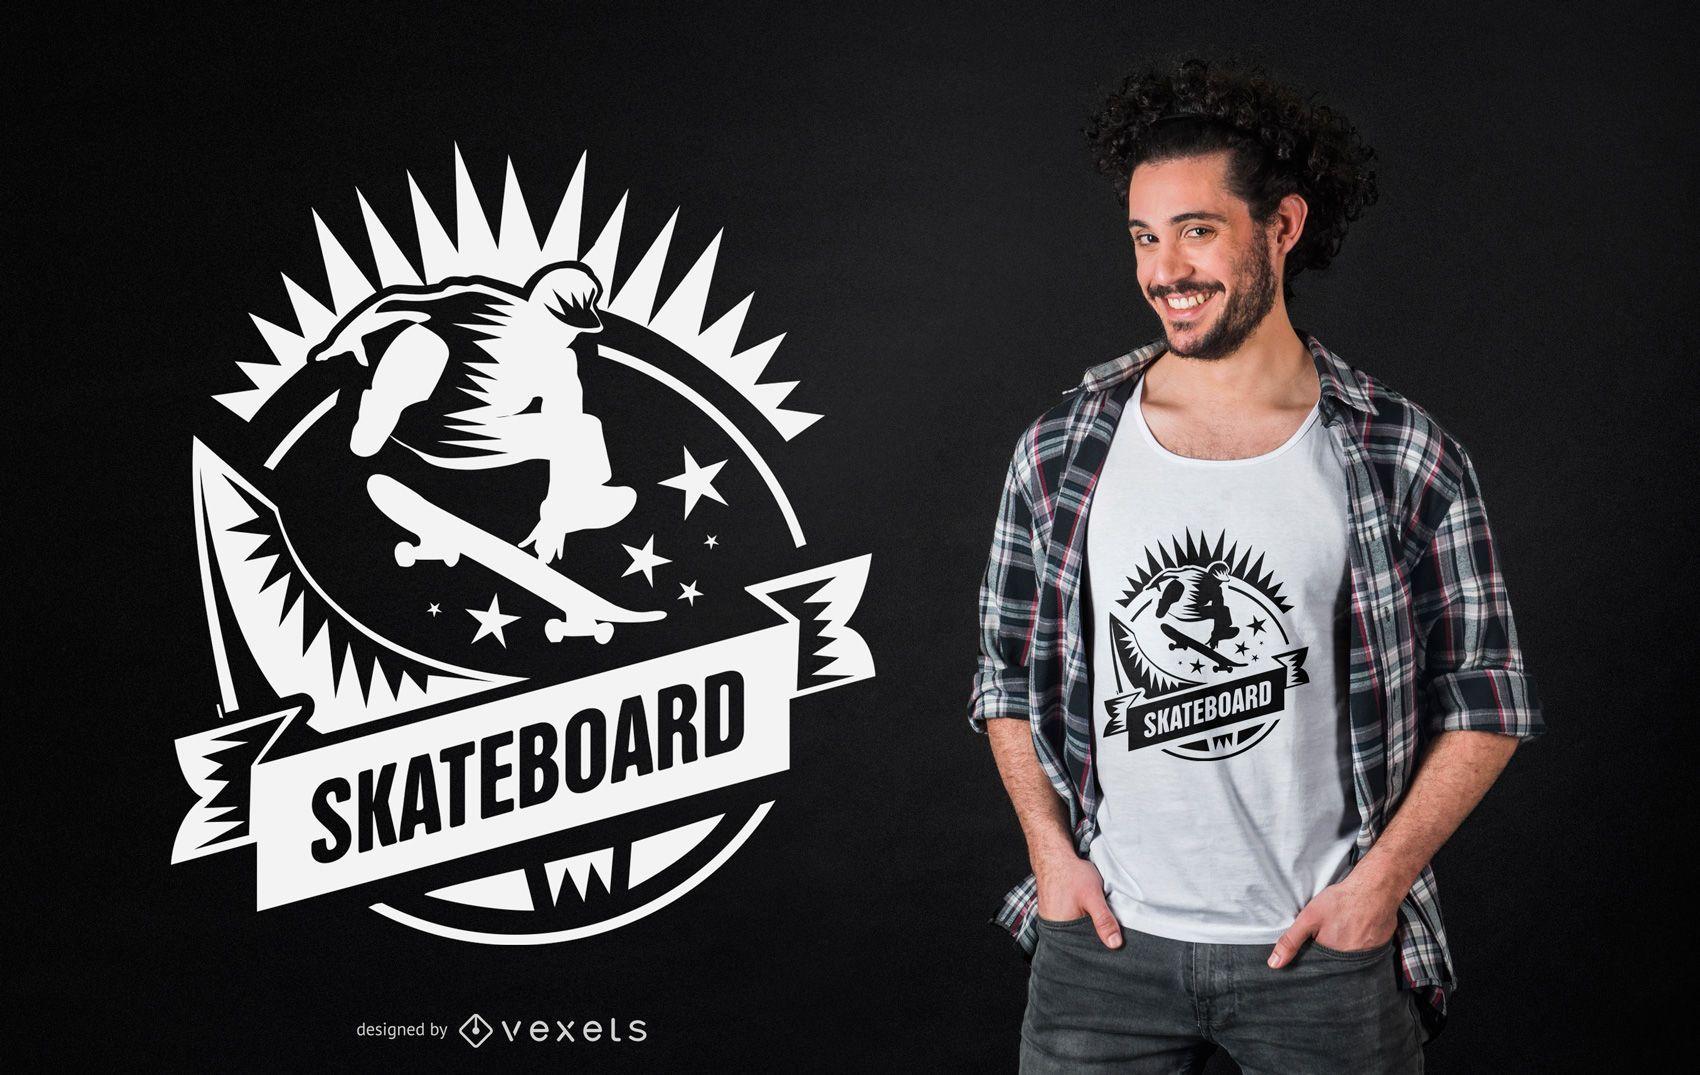 Skateboarding t-shirt design